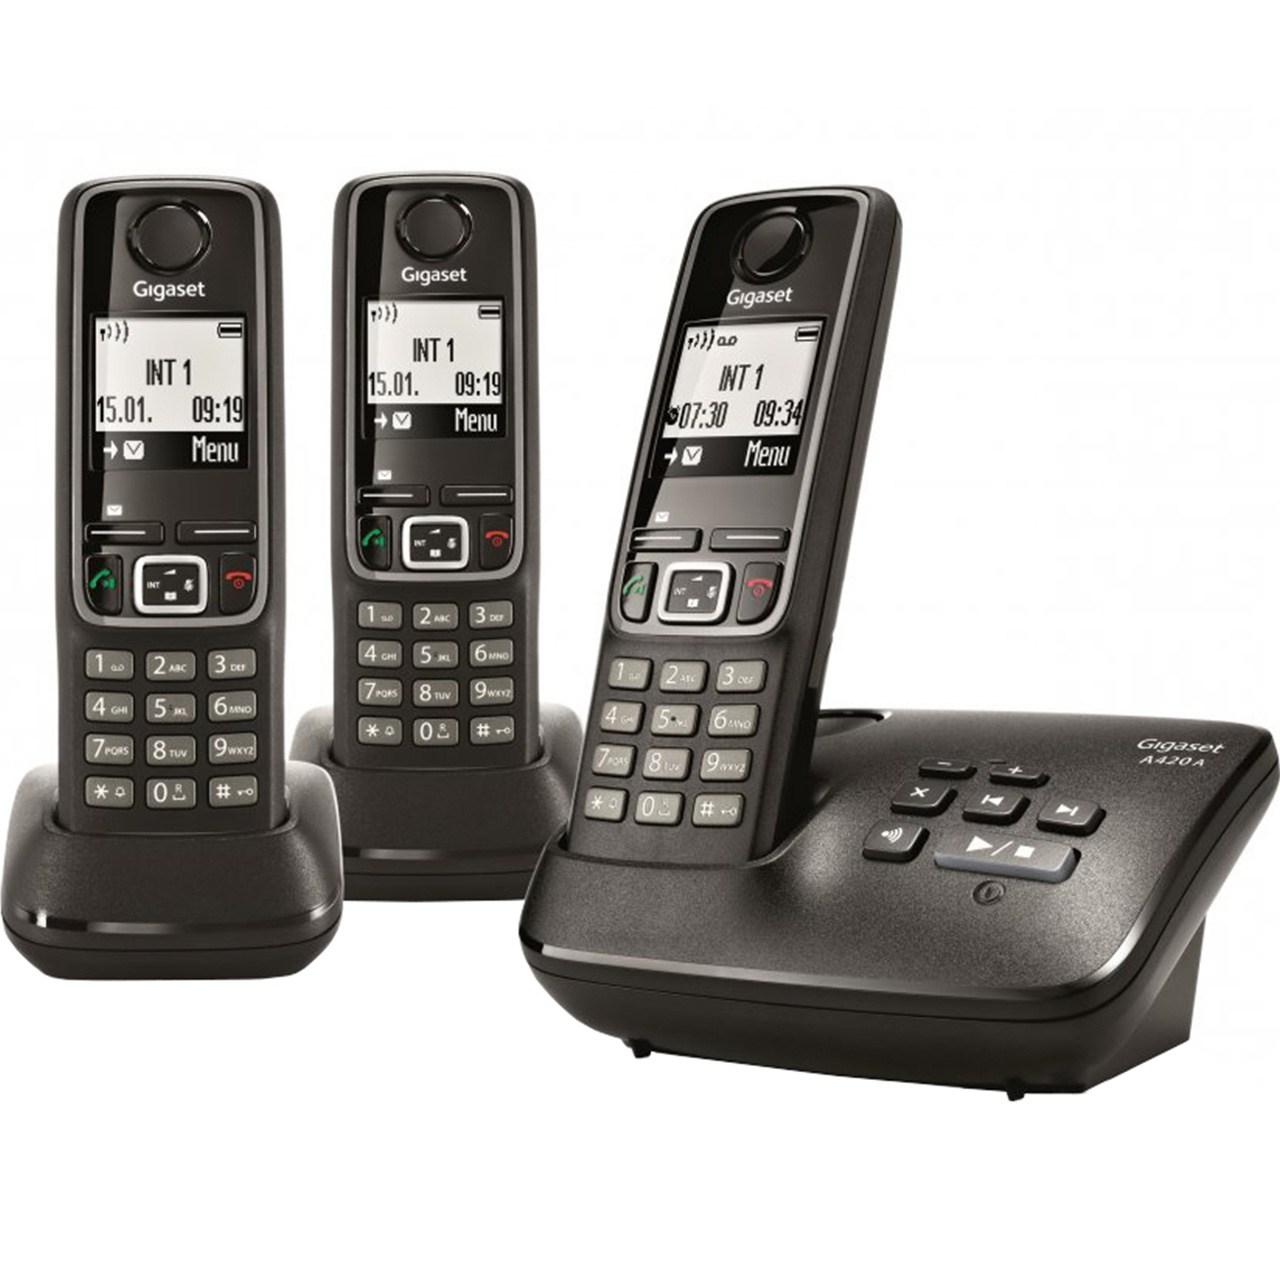 تلفن بیسیم گیگاست مدل  a420a trio